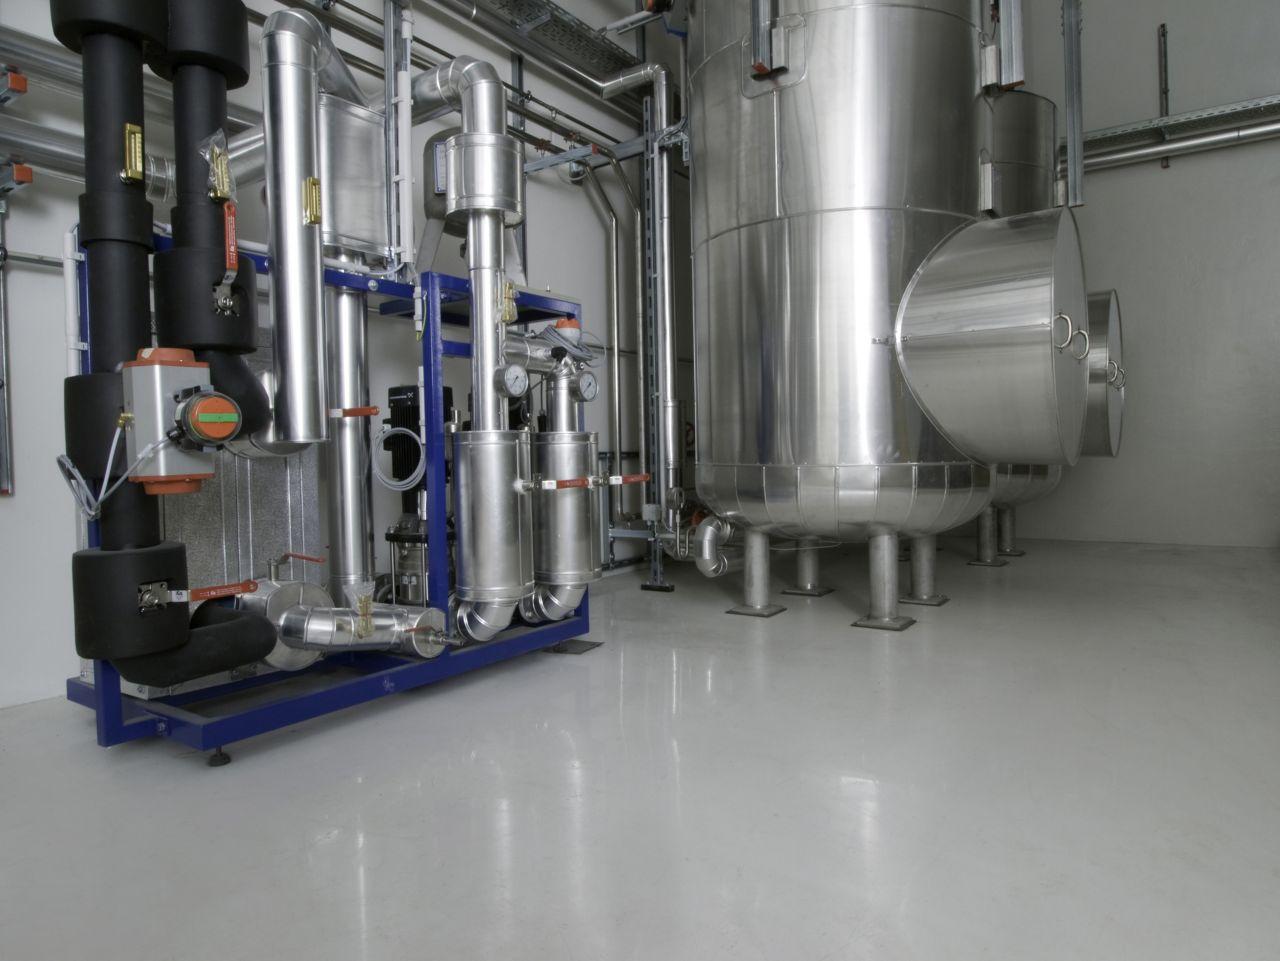 Sika Gewässerschutzsystem in Produktion